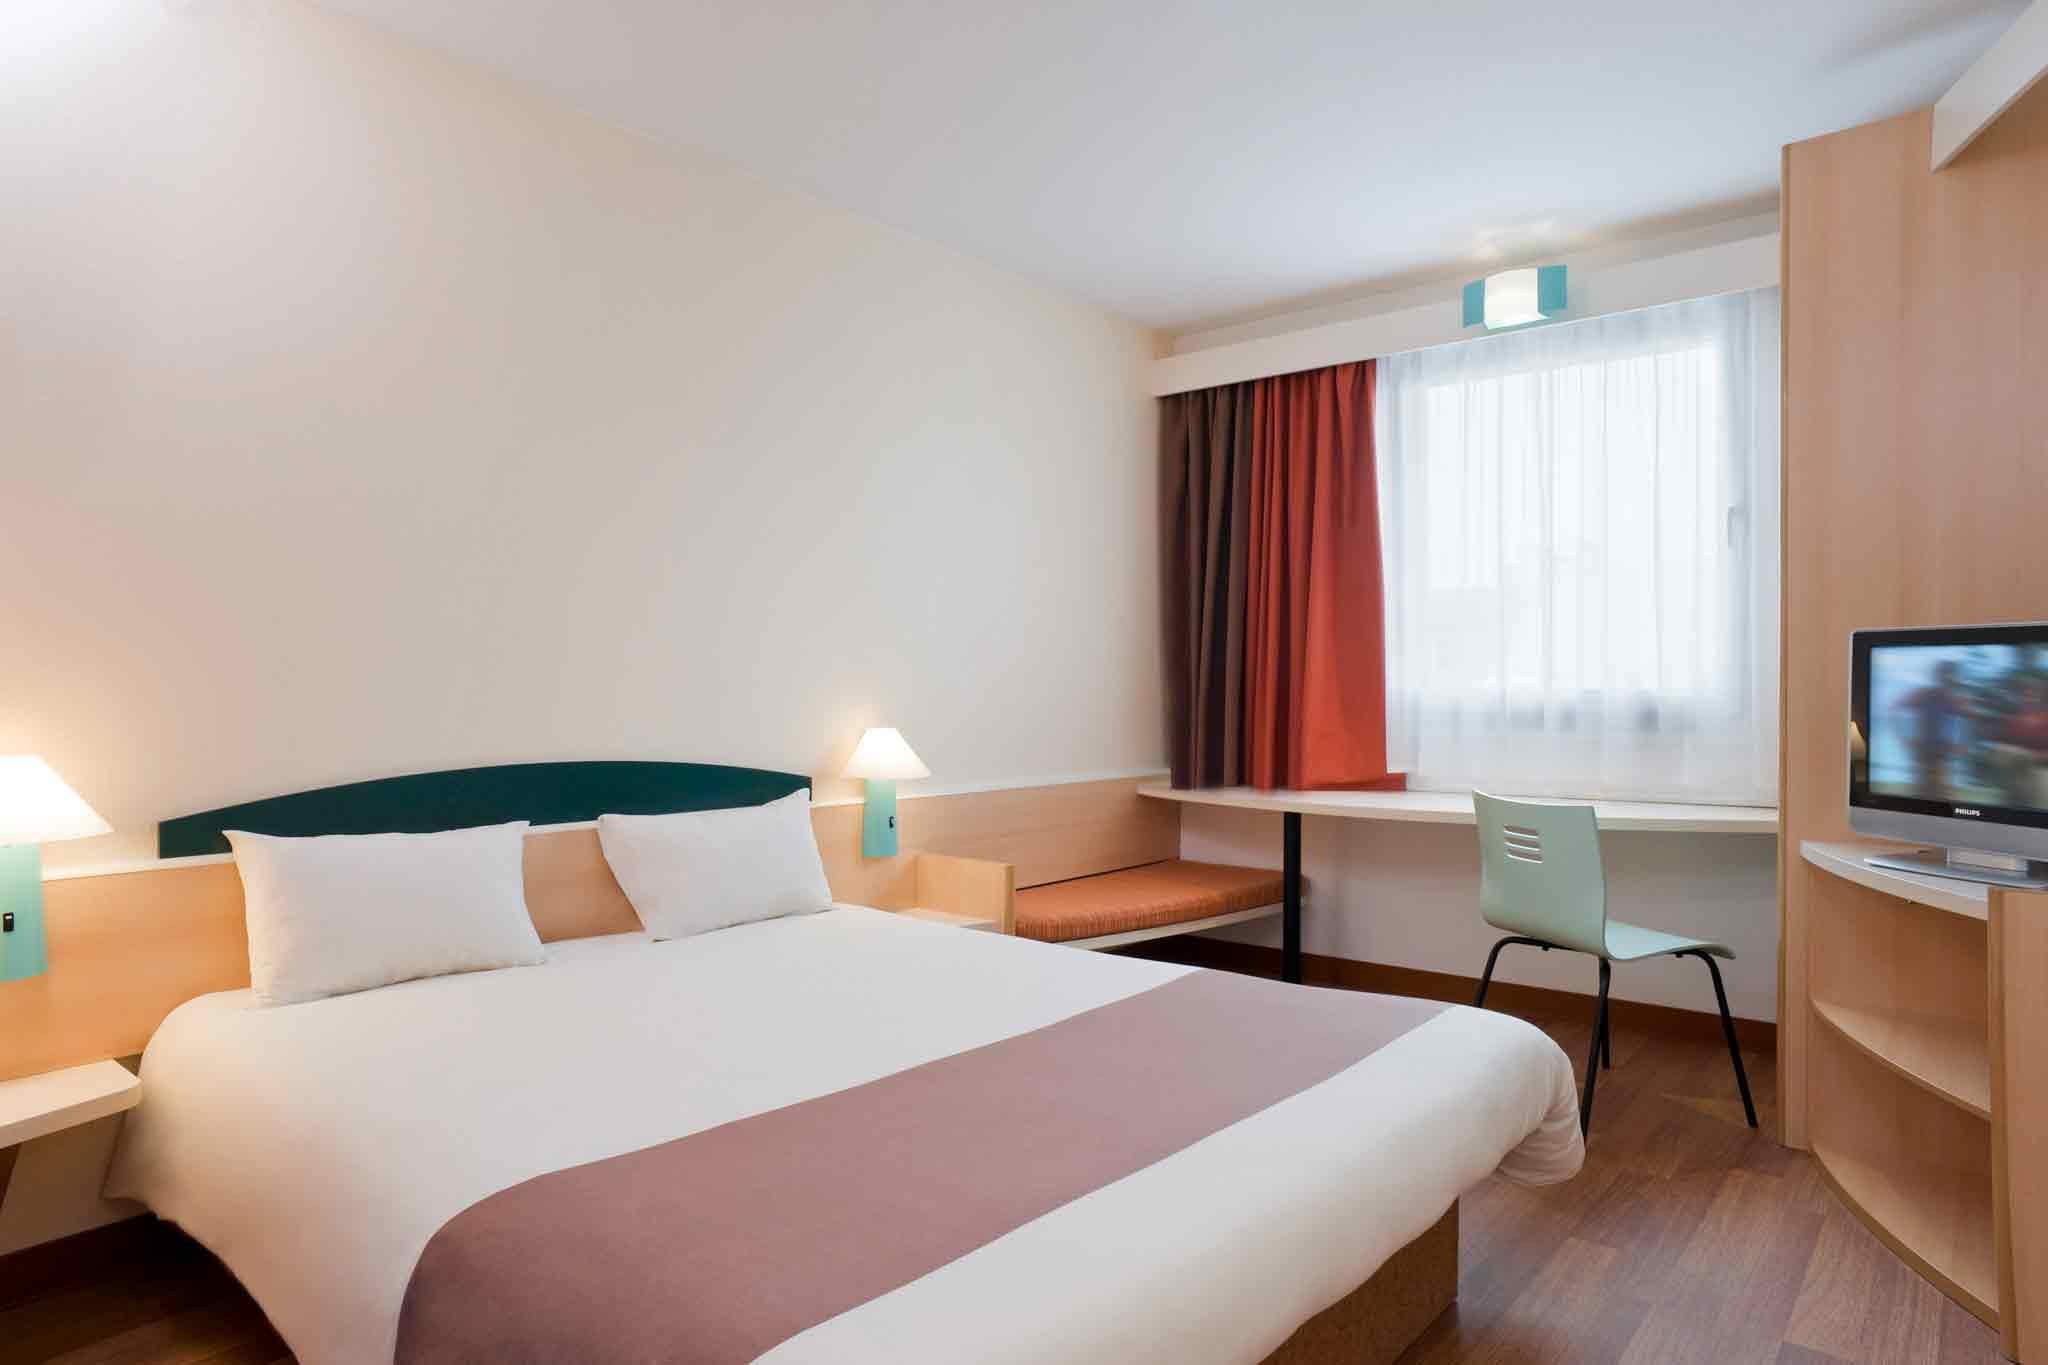 Ibis Hotel St. Pauli Messe Zimmeransicht